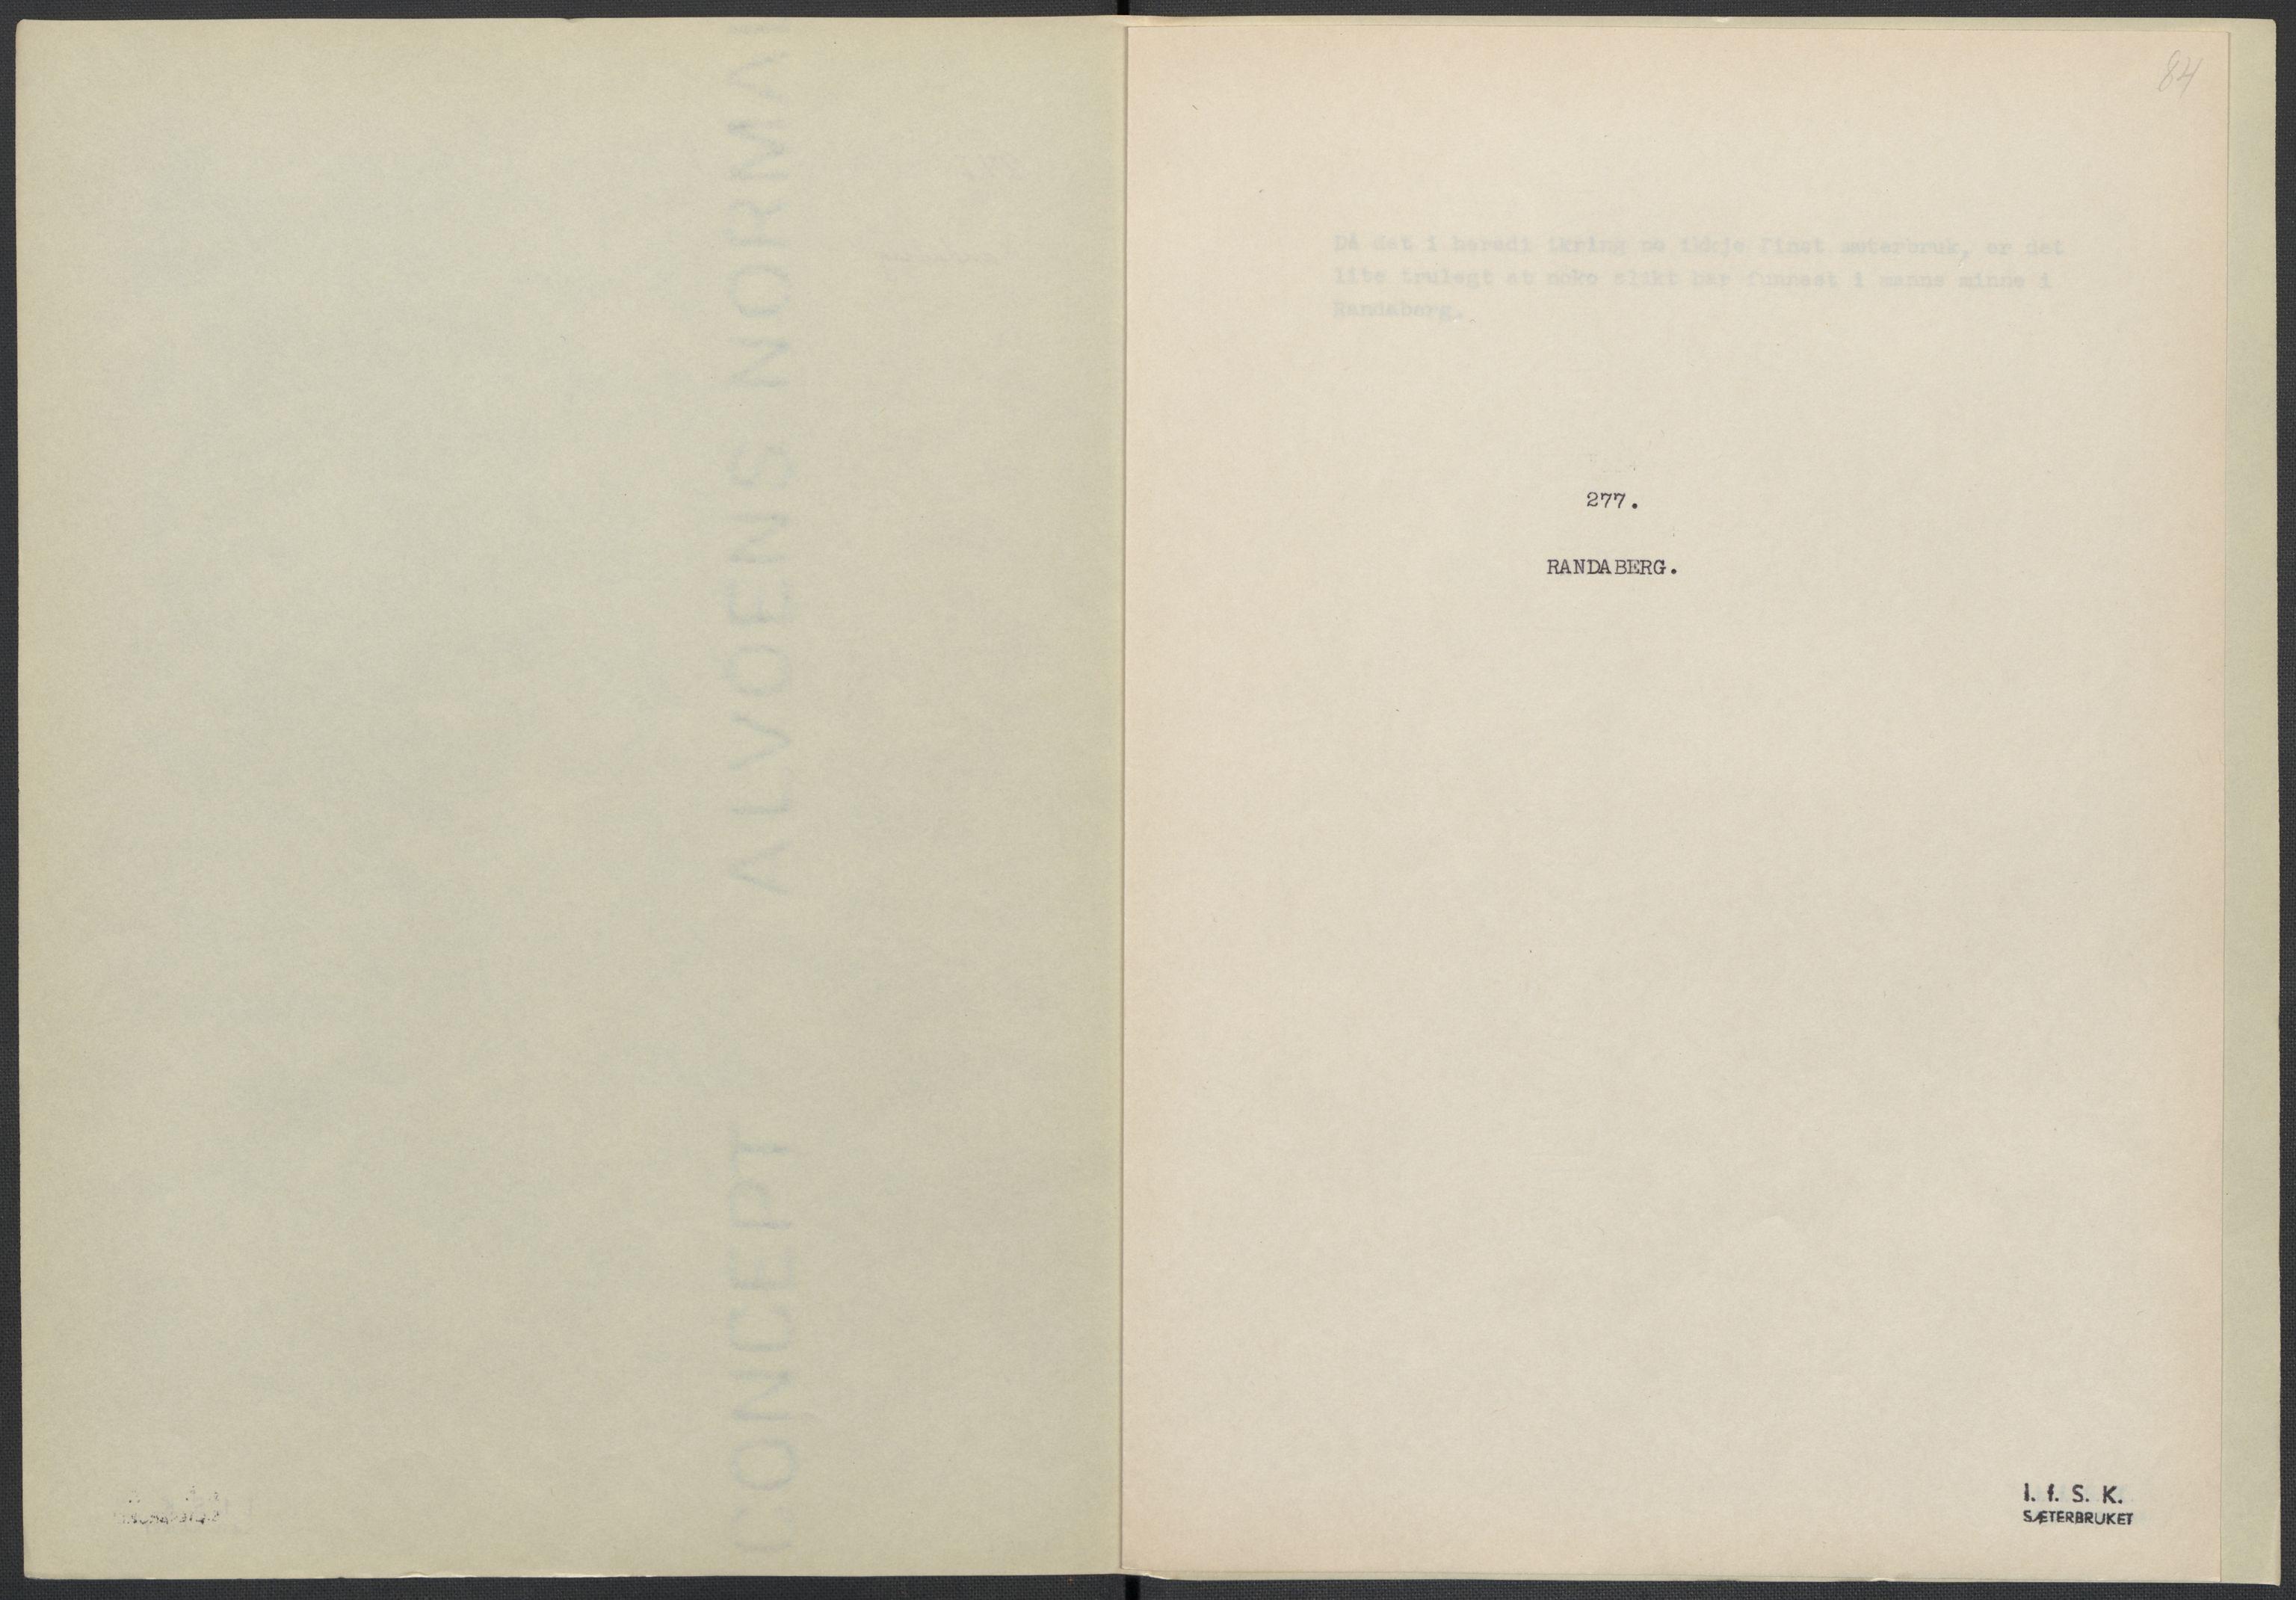 RA, Instituttet for sammenlignende kulturforskning, F/Fc/L0009: Eske B9:, 1932-1935, s. 84